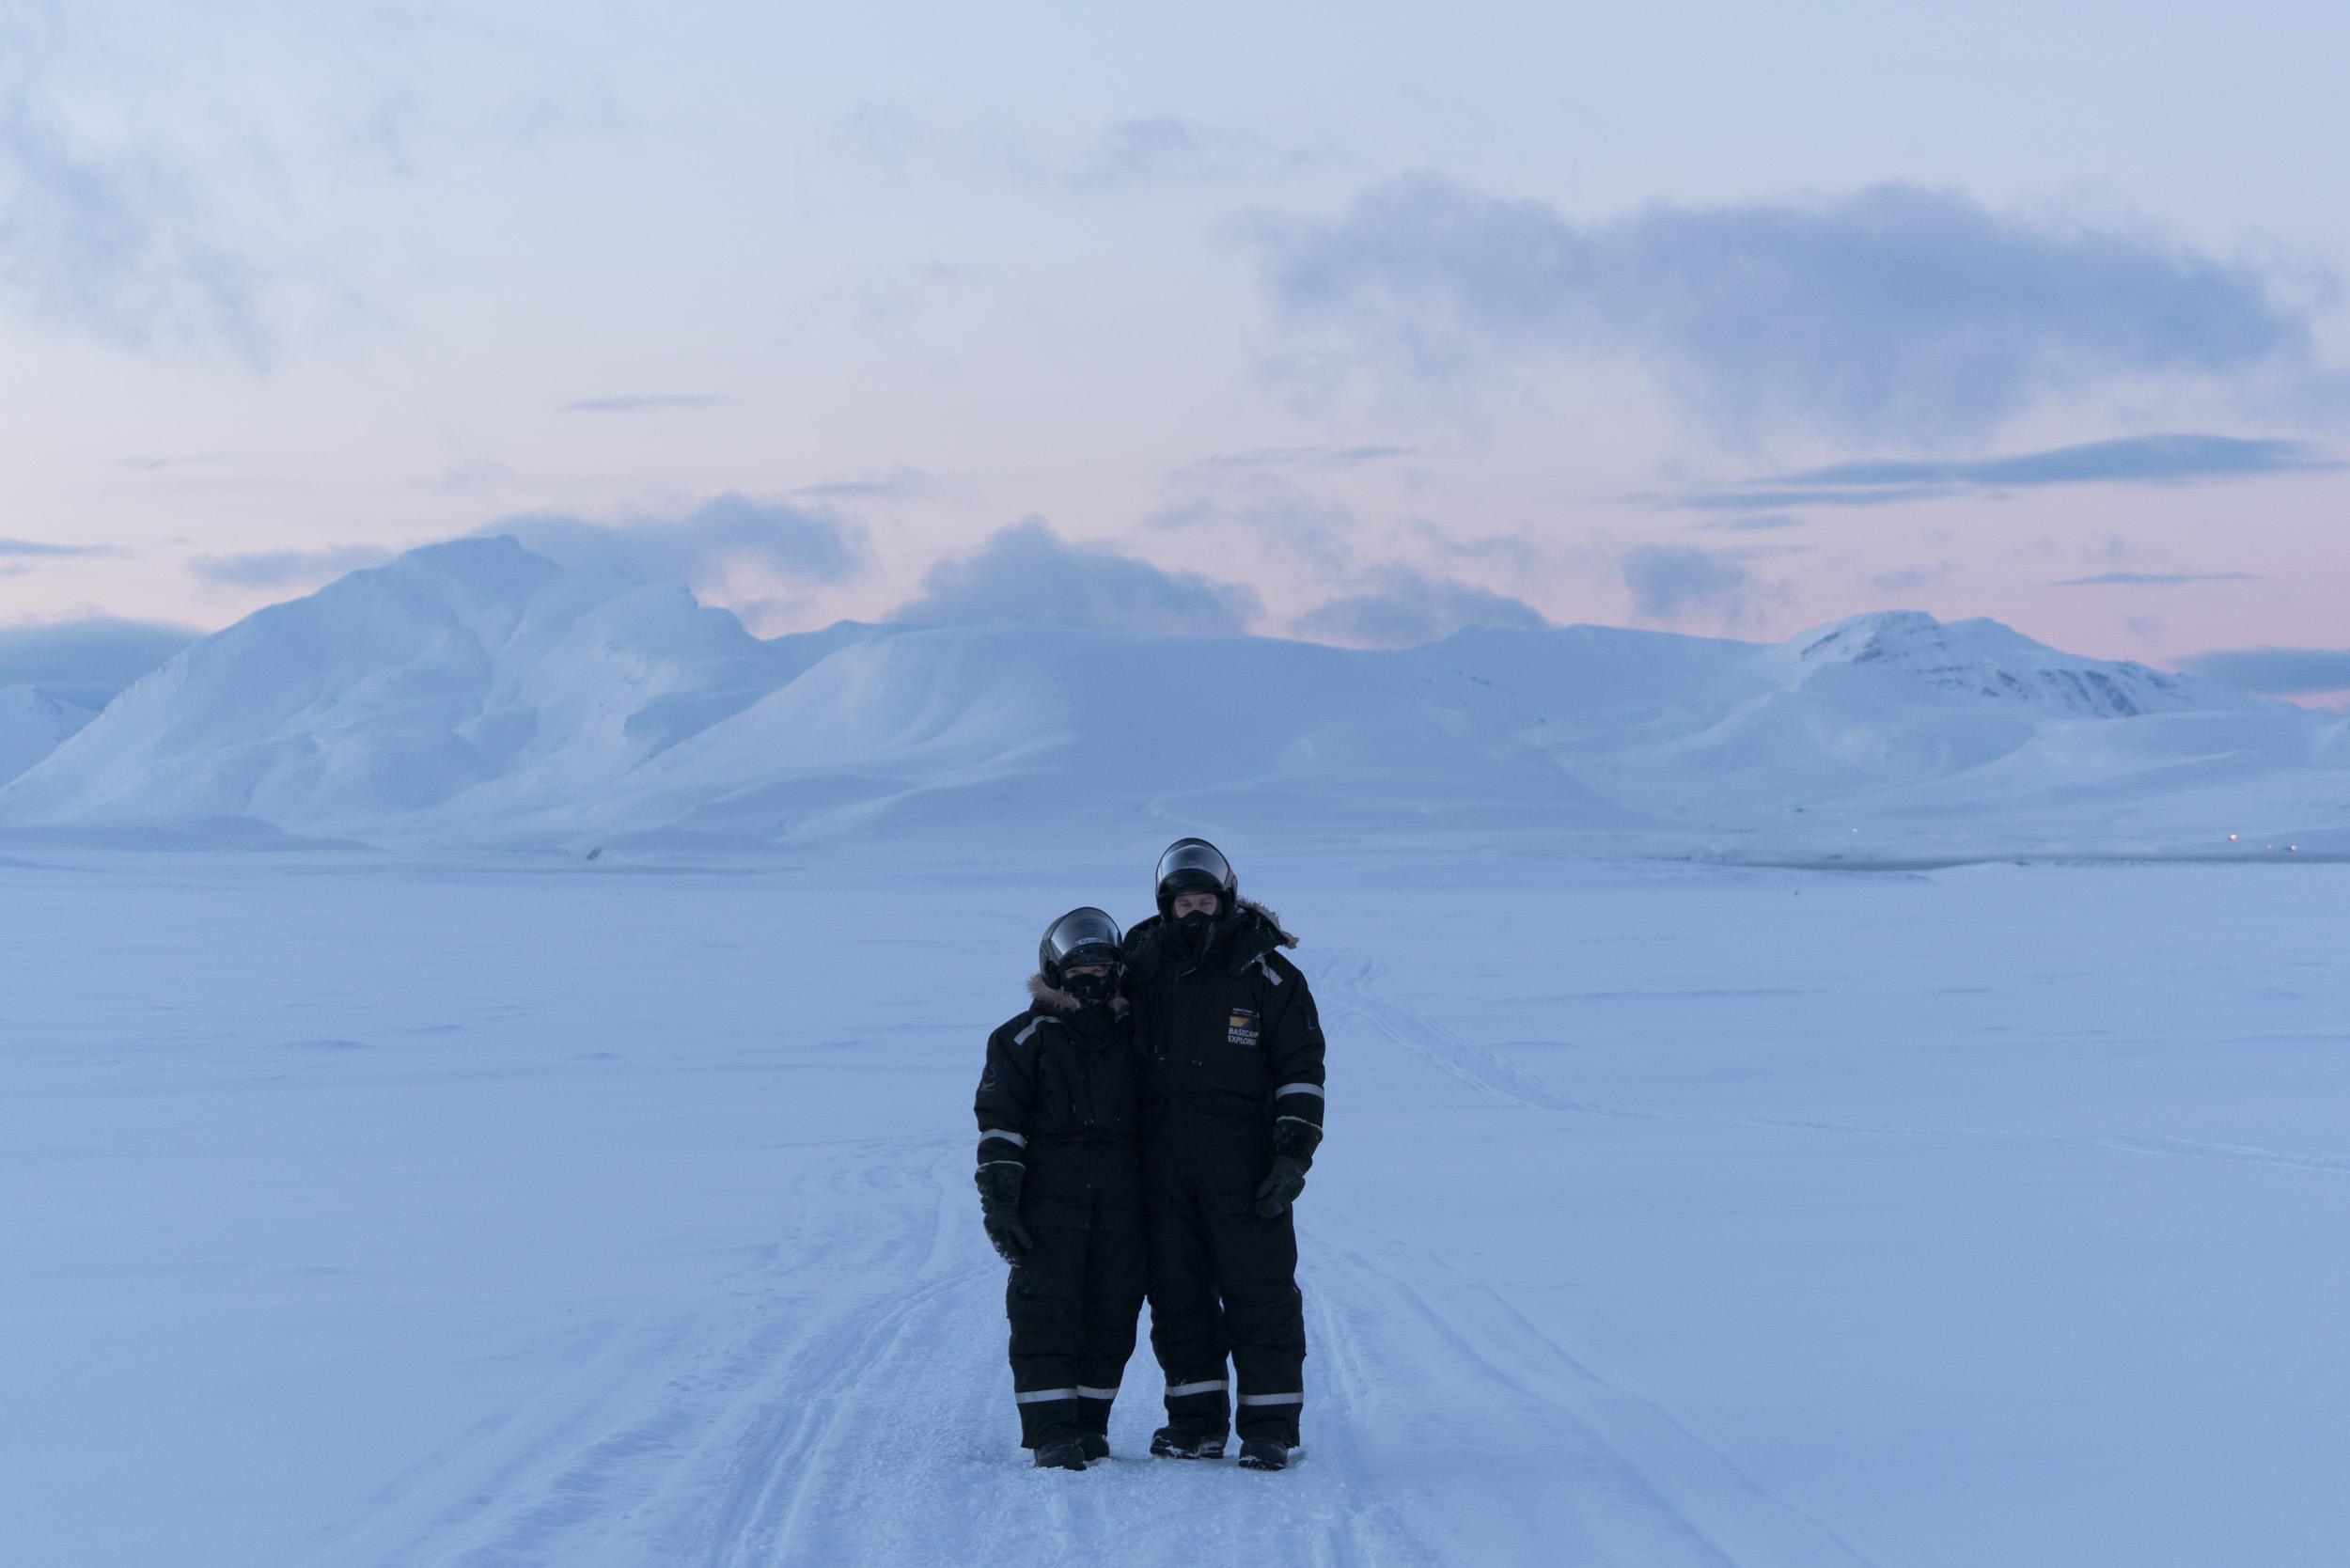 the_getaway_edit_svalbard_isfjord_radio-1.jpg